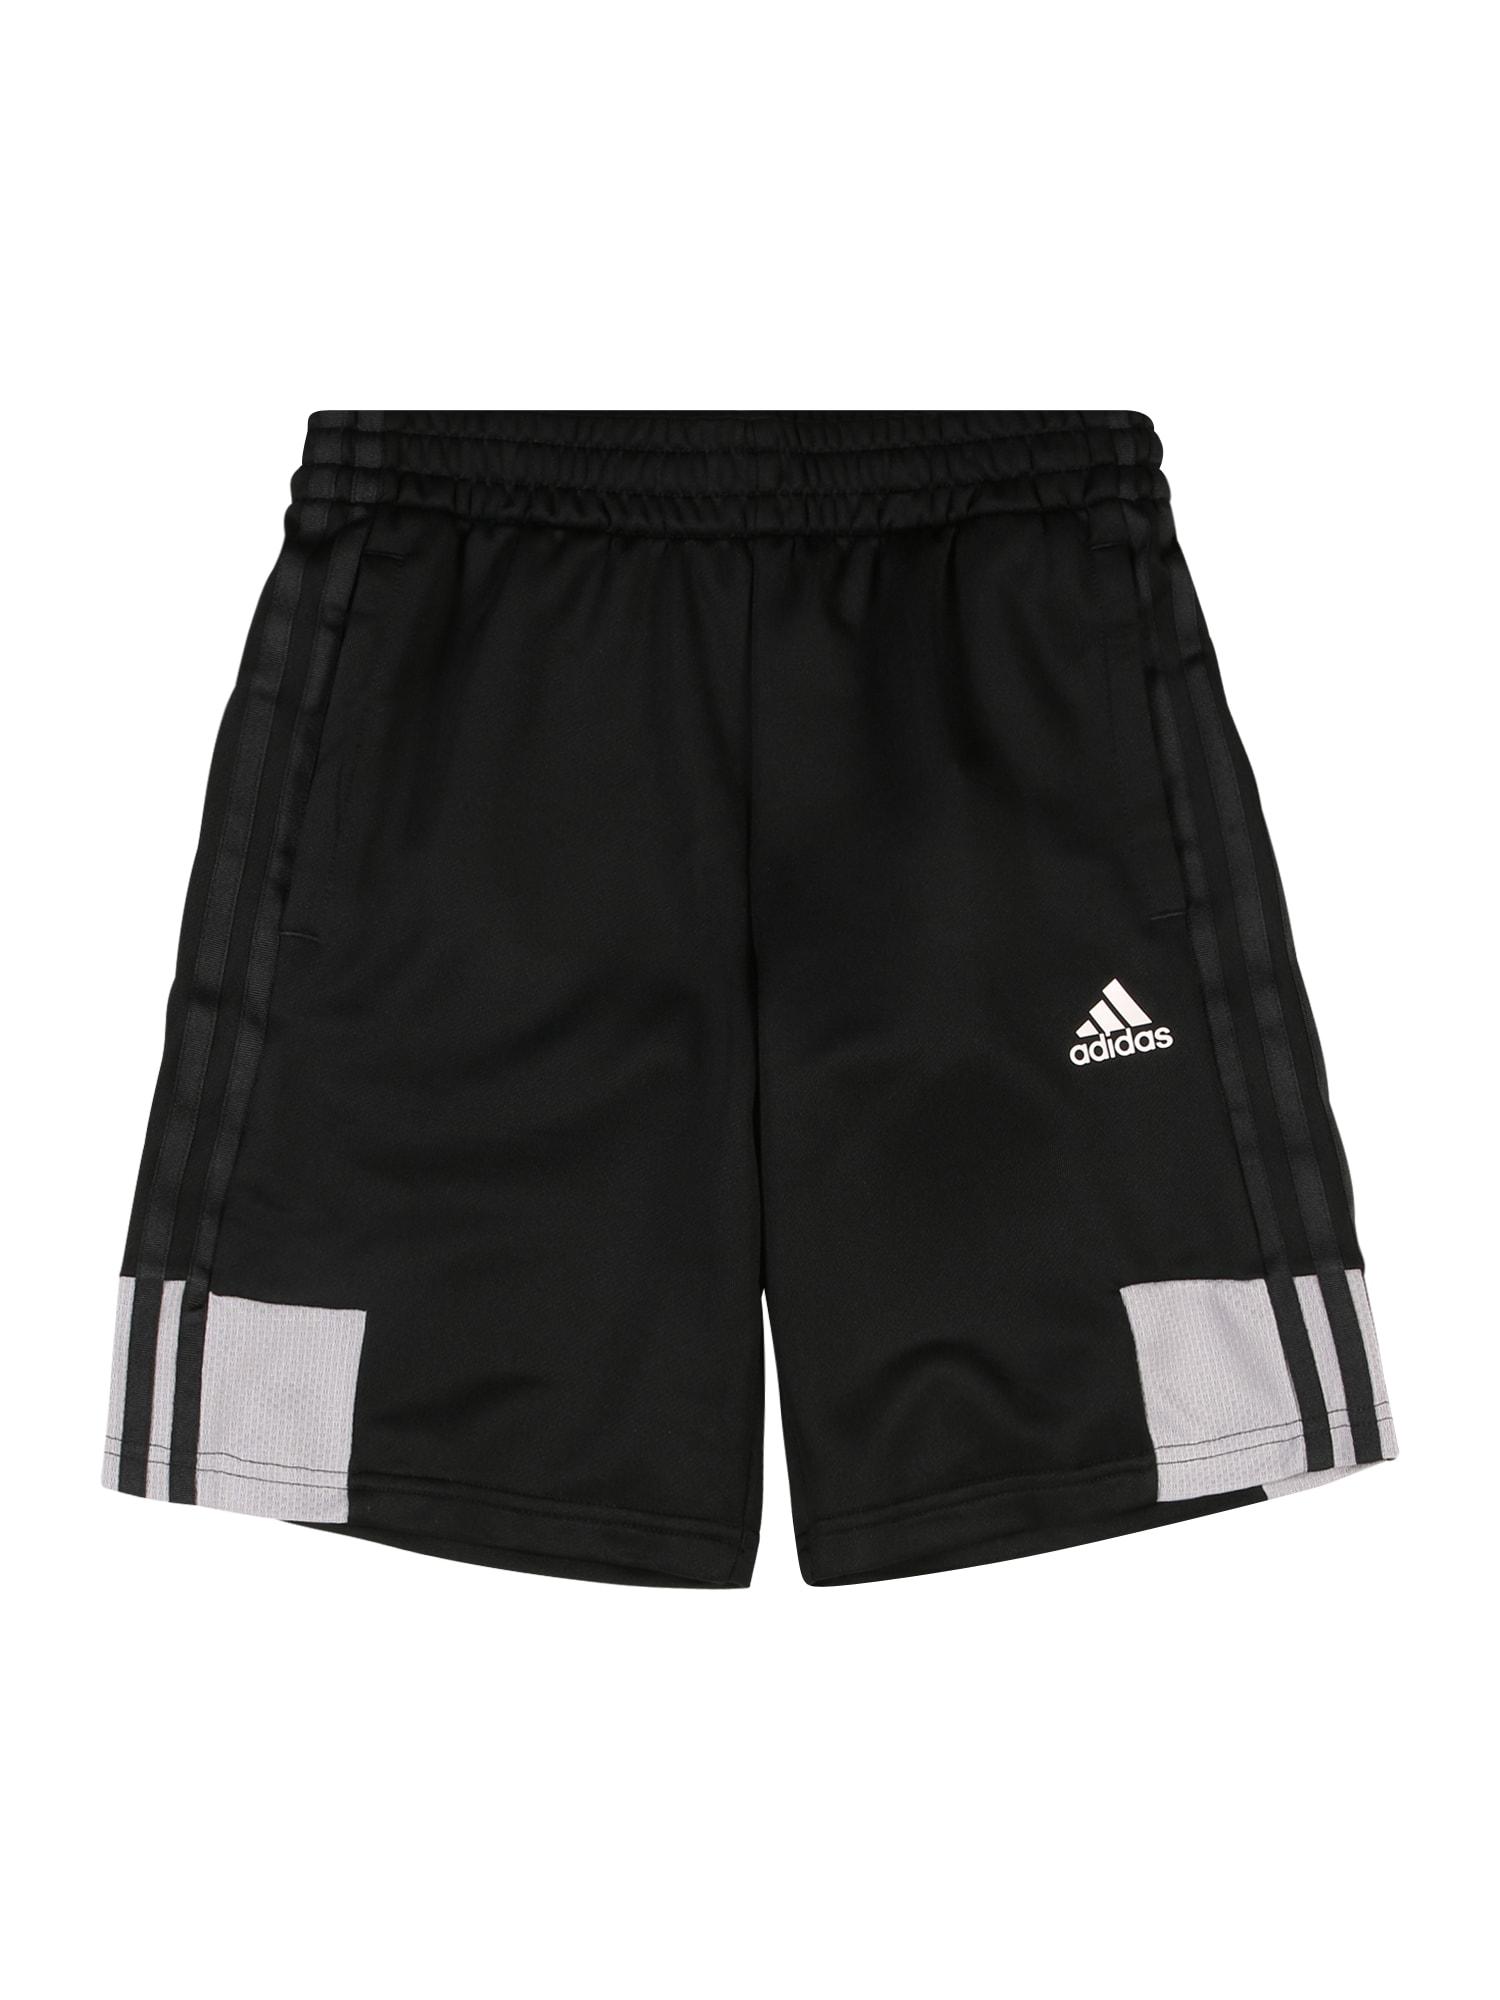 ADIDAS PERFORMANCE Sportinės kelnės 'B A.R.' balta / juoda / šviesiai pilka